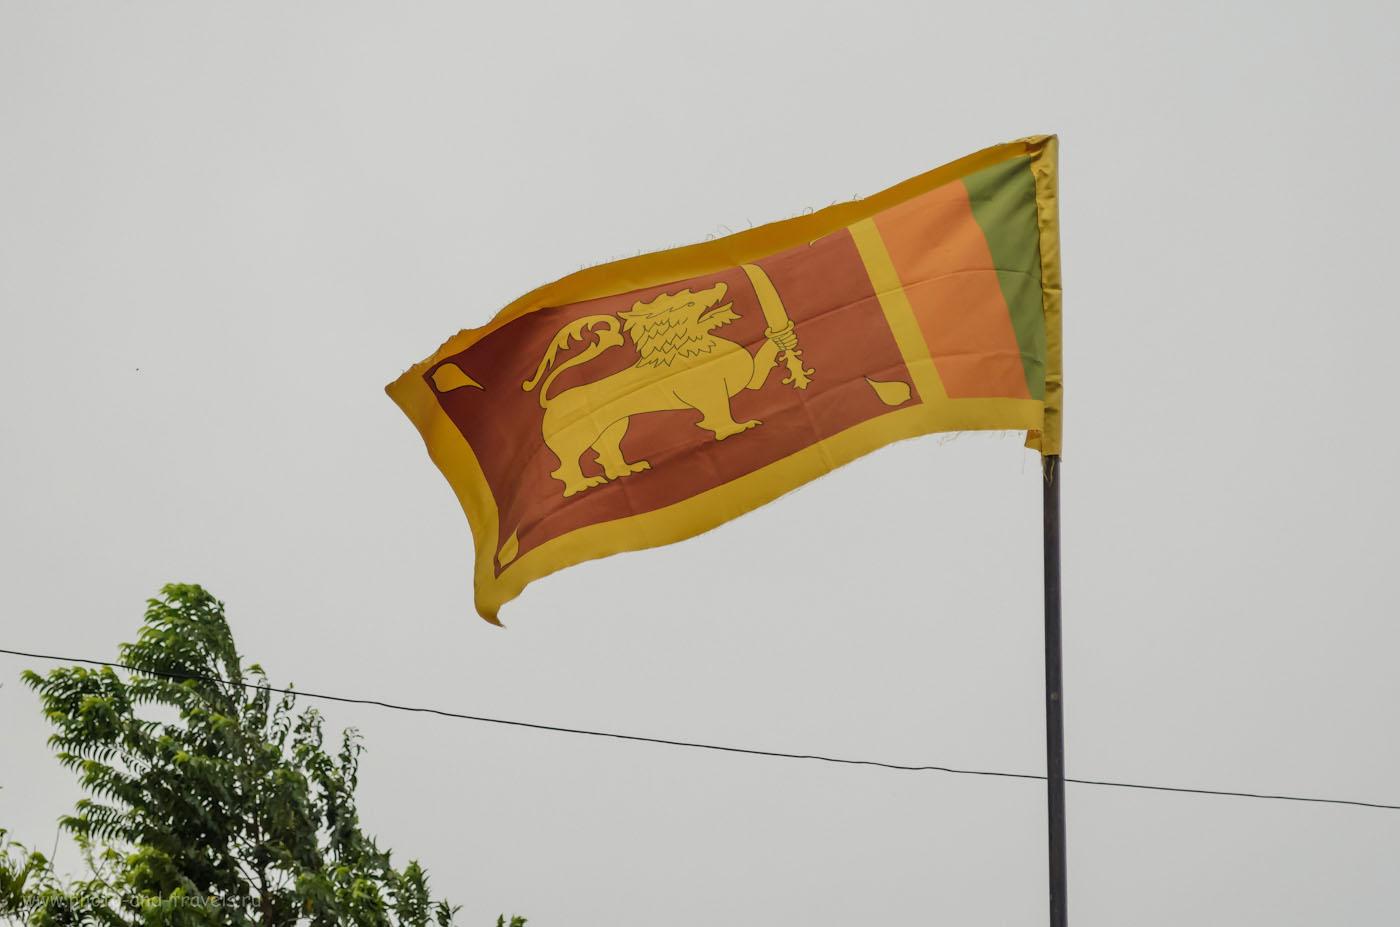 Фото 1. Флаг Шри-Ланки у отеля в городе Полоннарува. Отчет о самостоятельном путешествии по острову на машине, взятой в аренду.